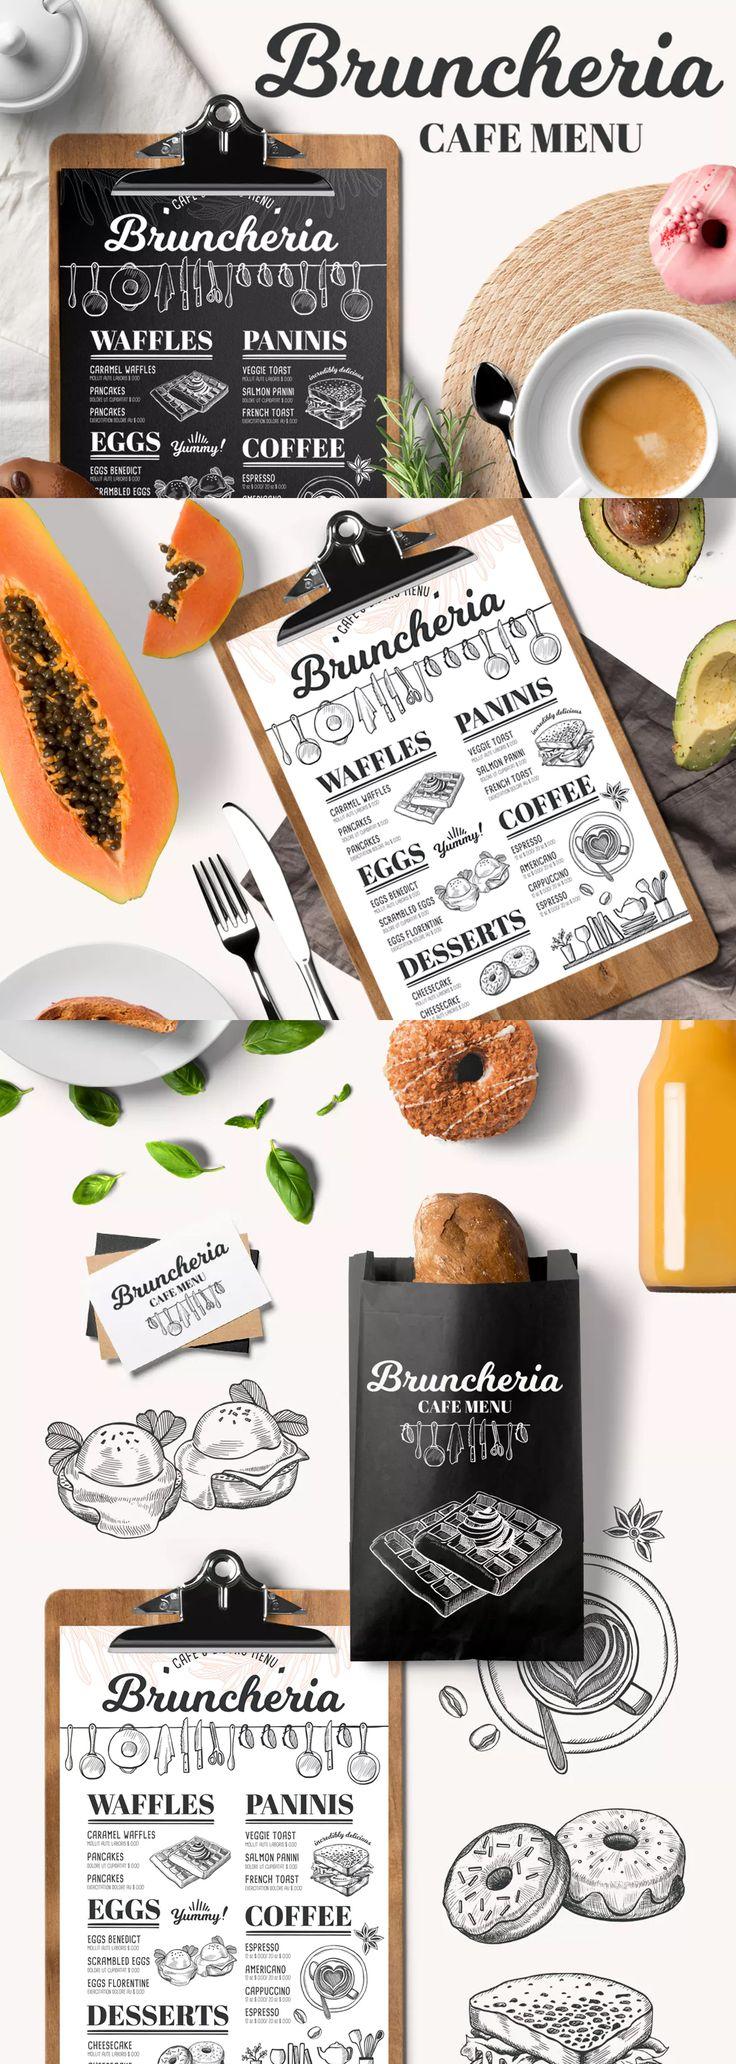 62 best food menu templates images on pinterest menu templates print templates and restaurant. Black Bedroom Furniture Sets. Home Design Ideas